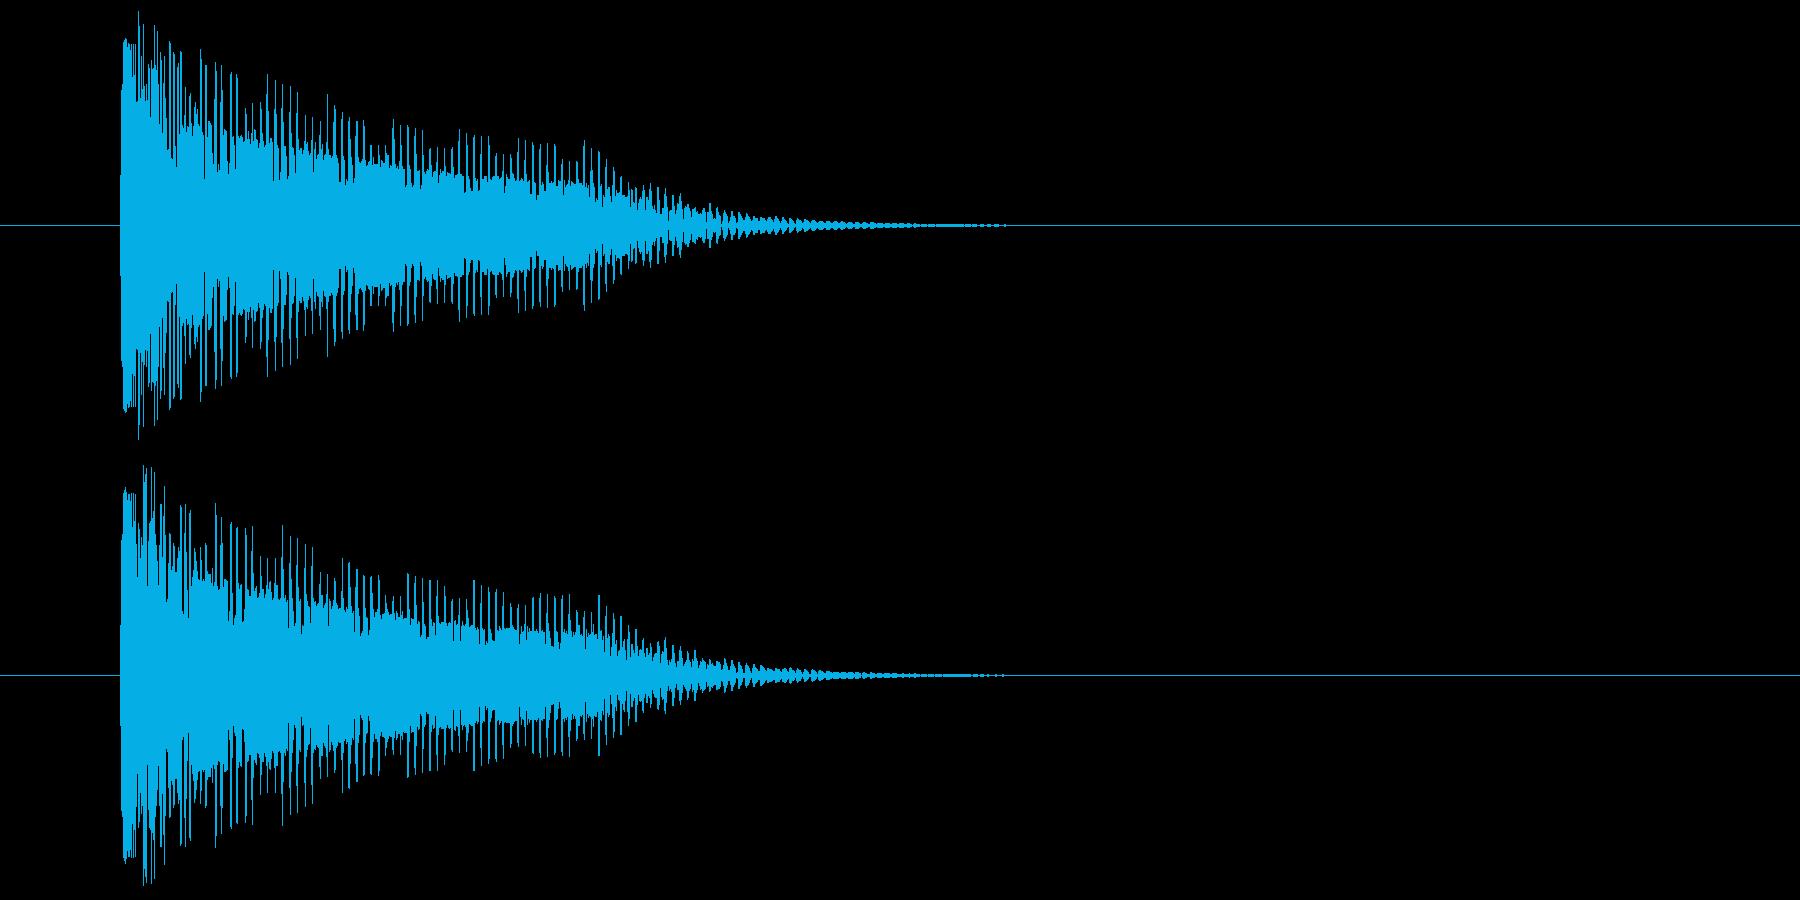 ダメージSEの再生済みの波形